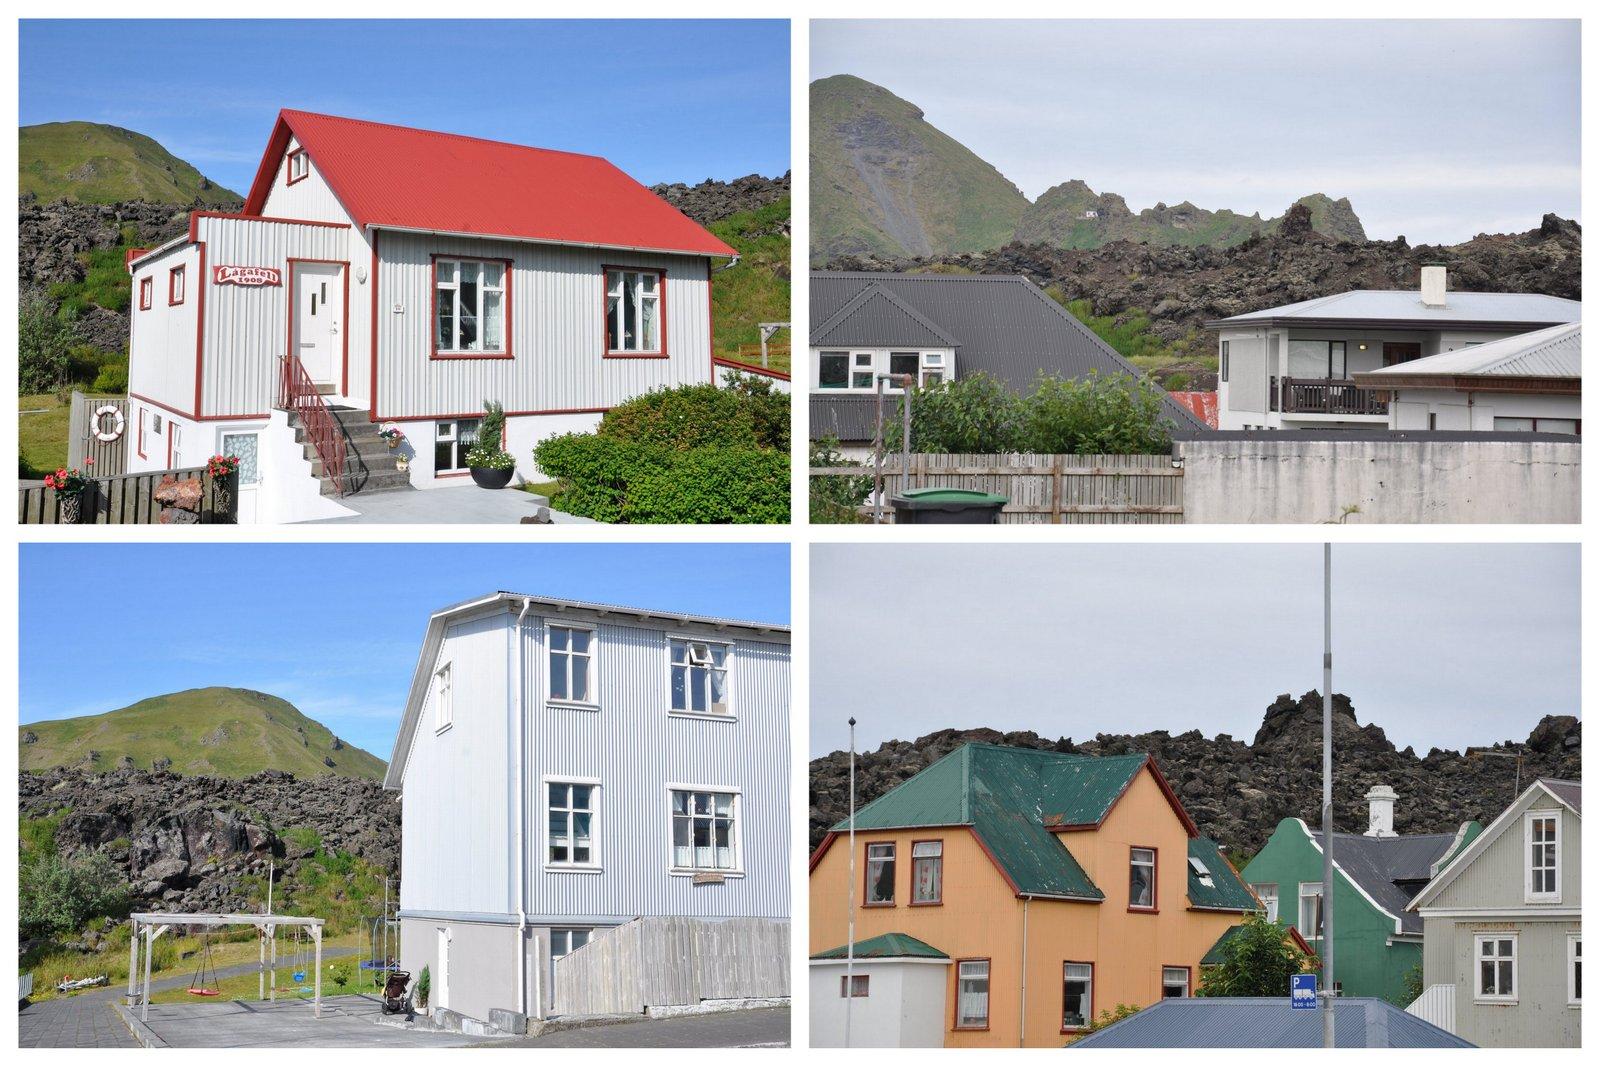 iles-vestmann-coulee-lave-maisons